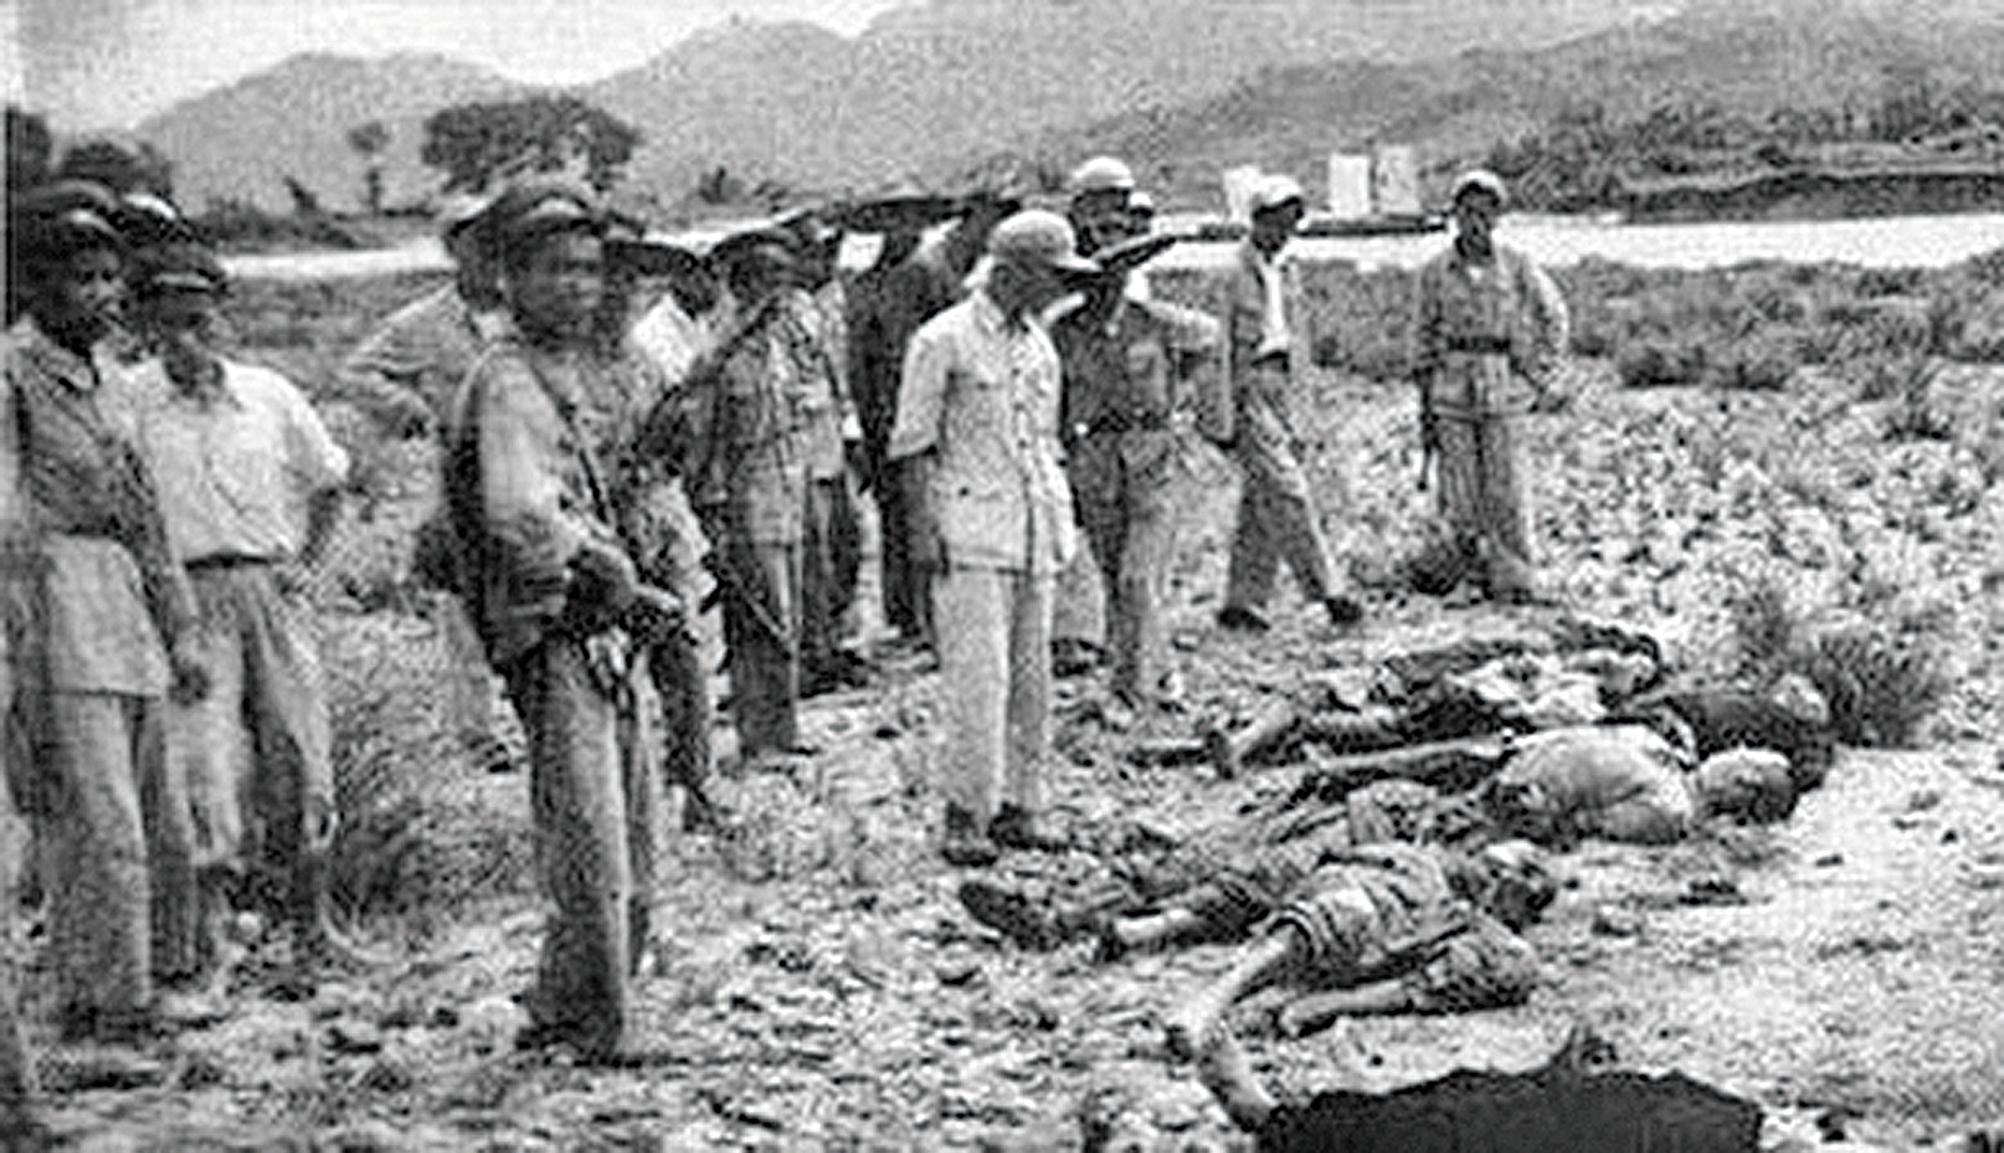 鎮反、肅反、反右、大饑荒、文革、六四、法輪功,中共篡政70年殺人數千萬。(網絡圖片)